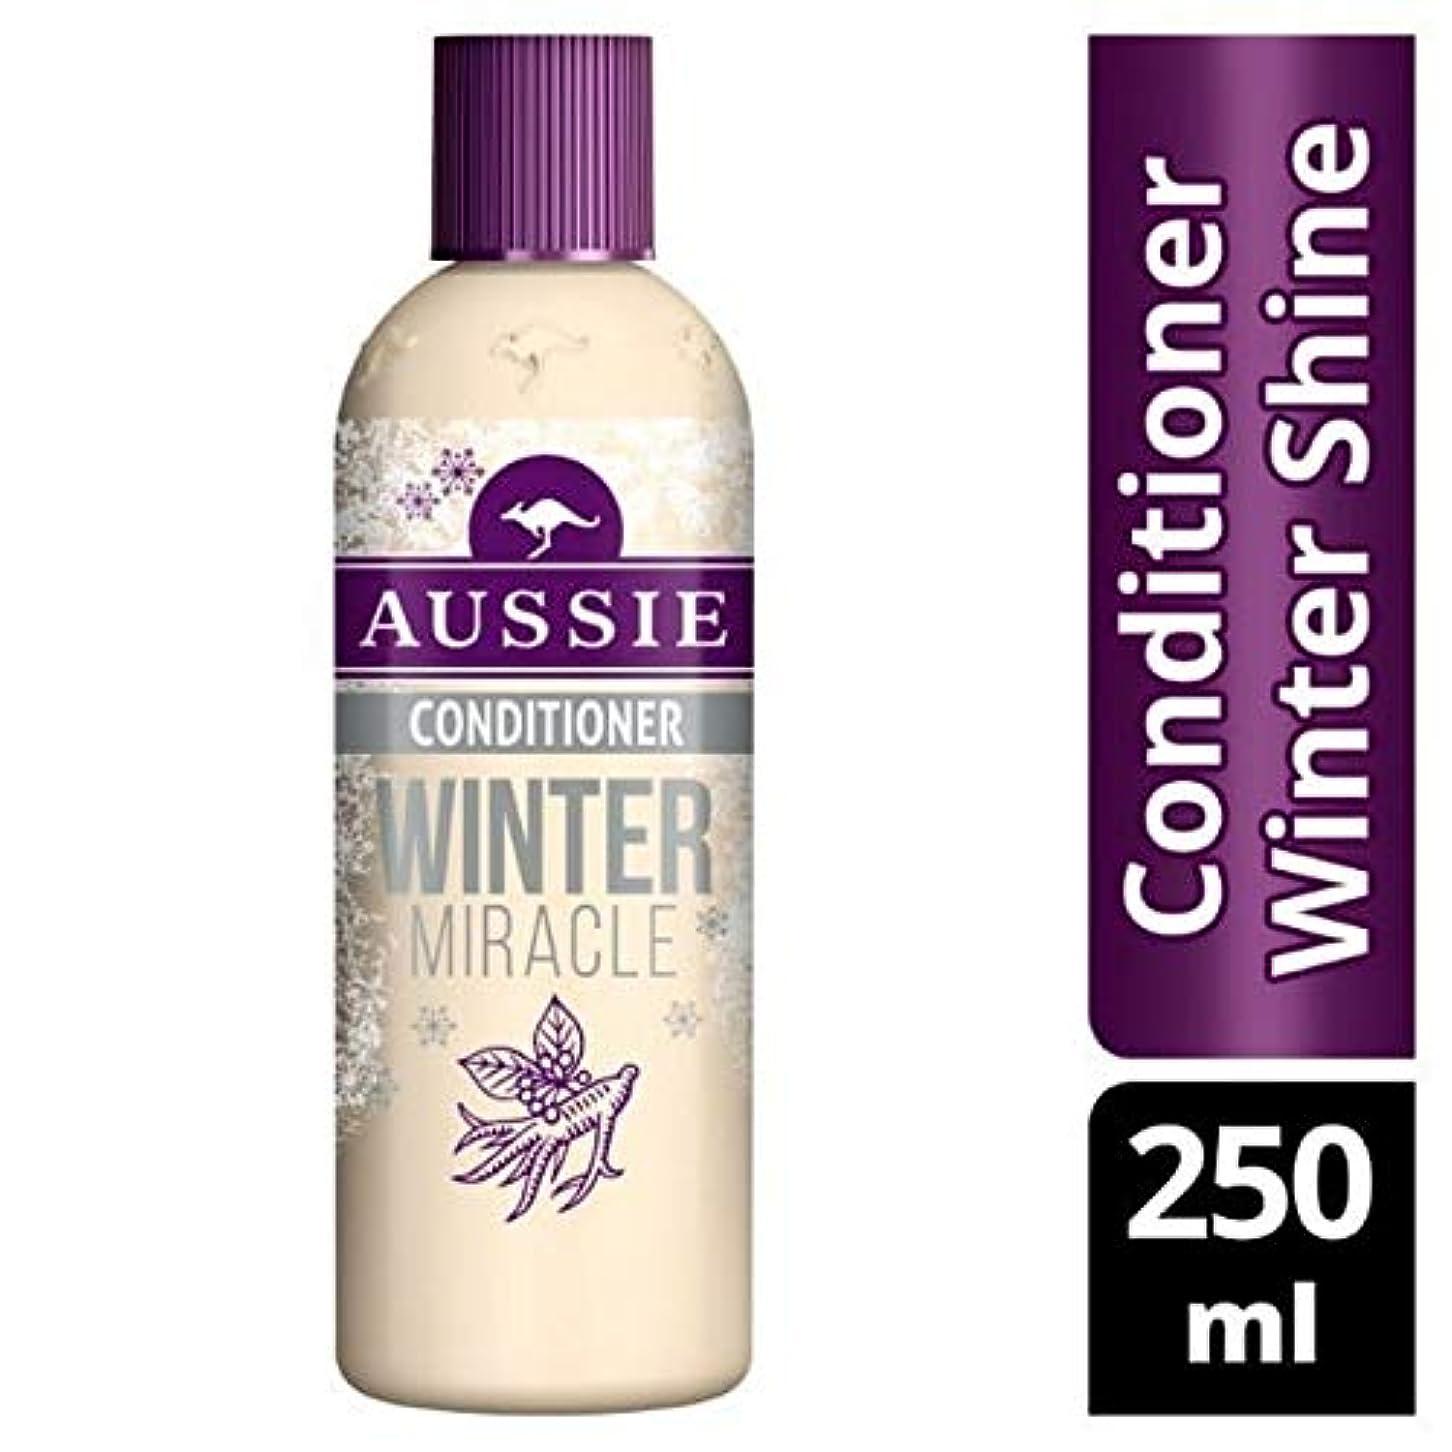 エンジニアリング行動流暢[Aussie ] 鈍い、疲れた髪の250ミリリットルのためのオーストラリアコンディショナー冬の奇跡 - Aussie Conditioner Winter Miracle For Dull, Tired Hair 250ml...